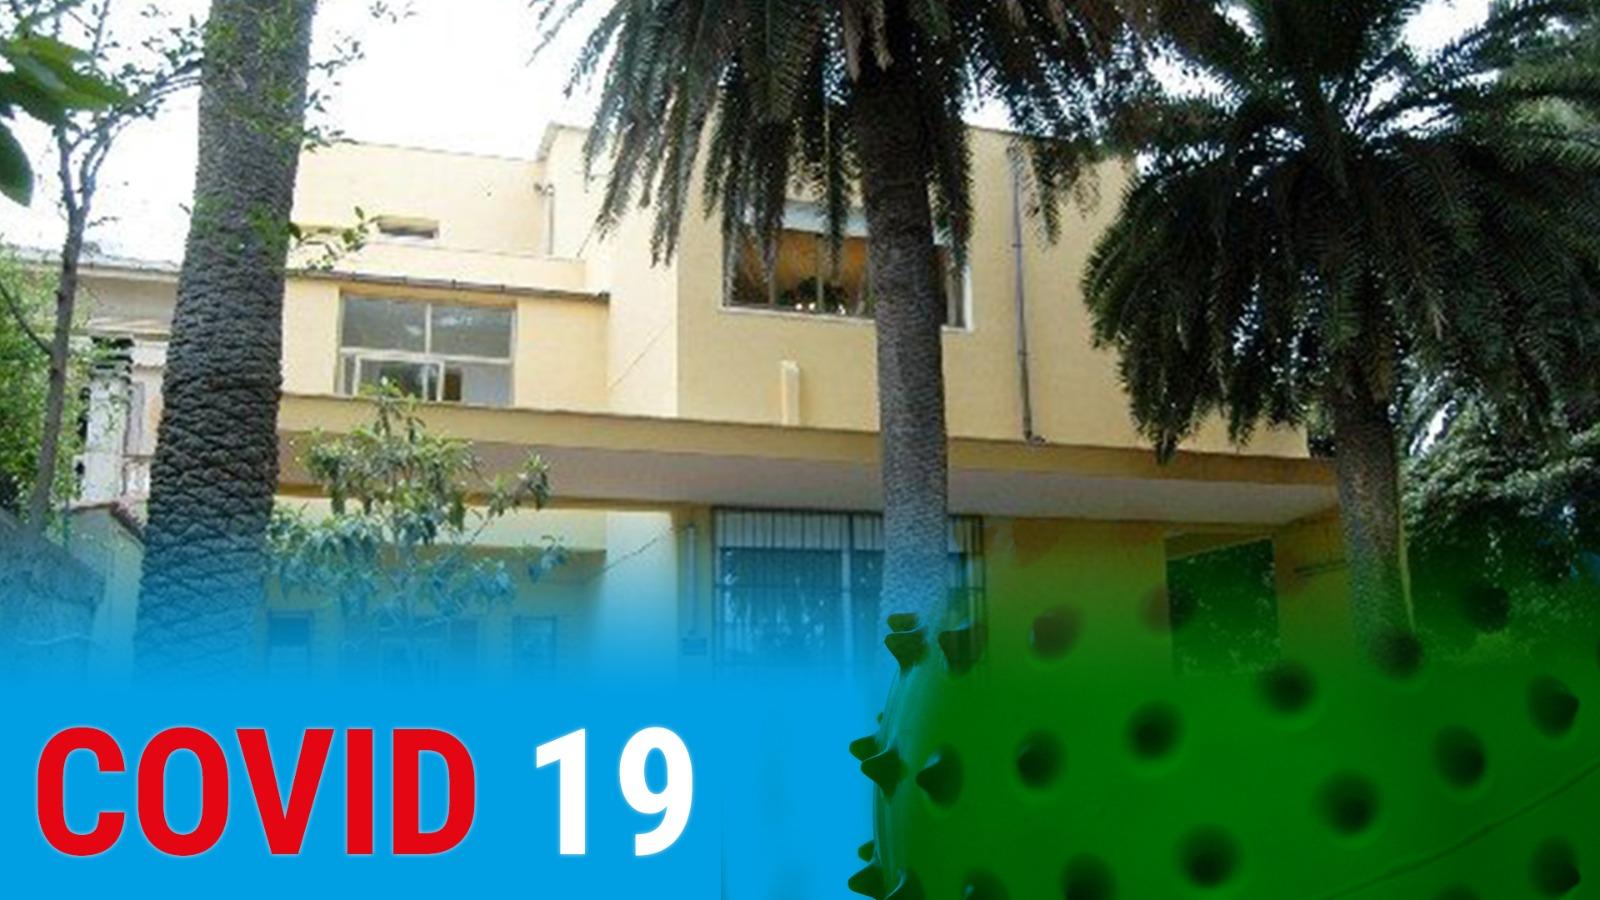 Cov19 Santa Marinella: ulteriore misura chiusura parchi e aree verdi